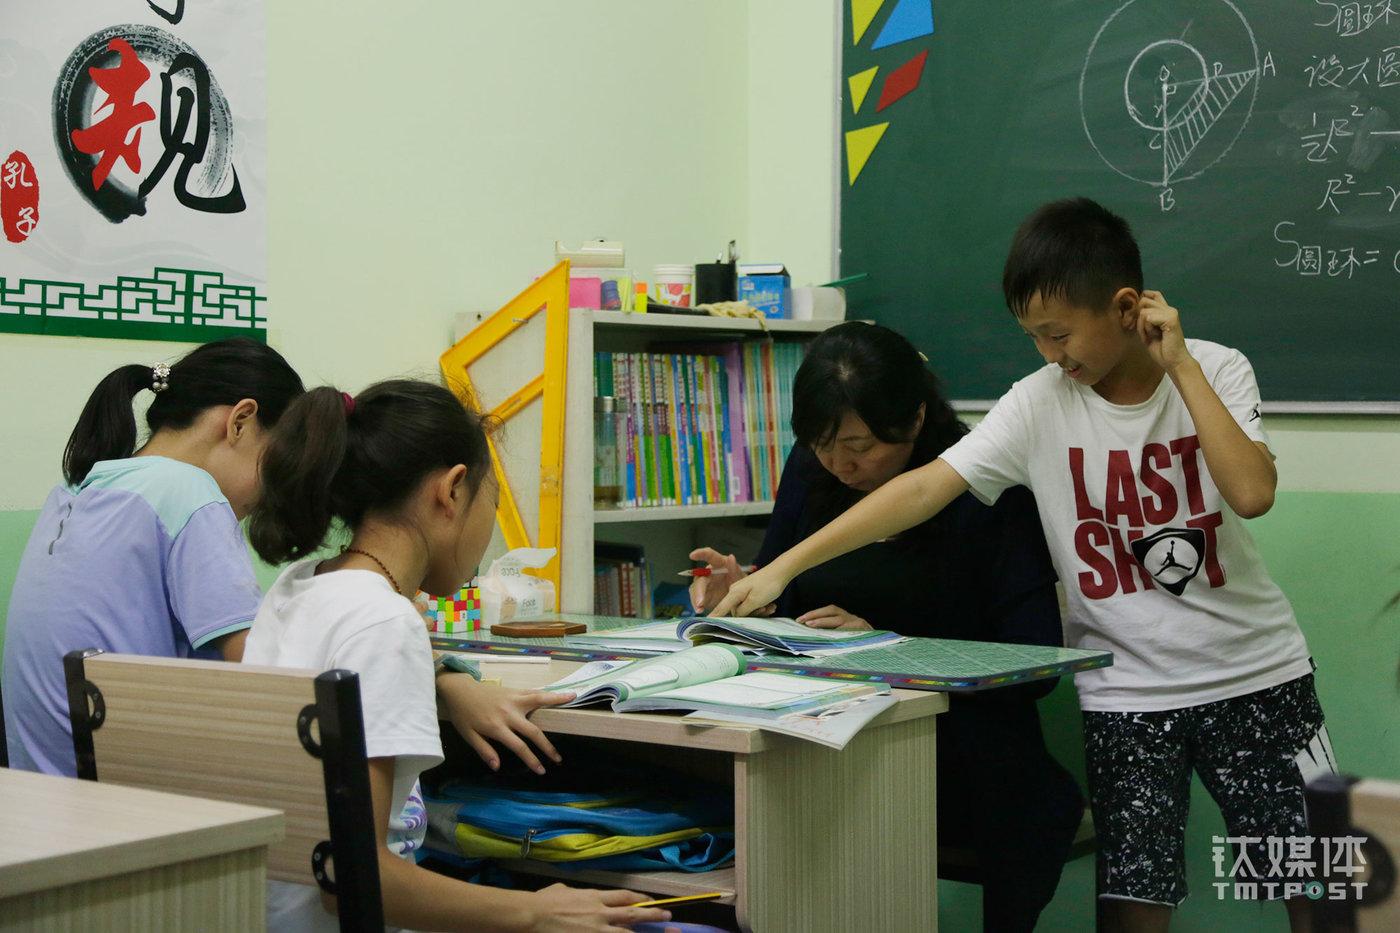 """一个小班上,几名六年级孩子在解答奥数题。这里以一对一和小班为主,针对小升初择校开办的奥数课是周老师教授的主要内容。周老师向钛媒体《在线》介绍,海淀区名校的小升初择校奥数的比重很高,是拉开学生之间差距的主要原因,""""六年级孩子要学到初三的数学水平才有机会胜出""""。"""